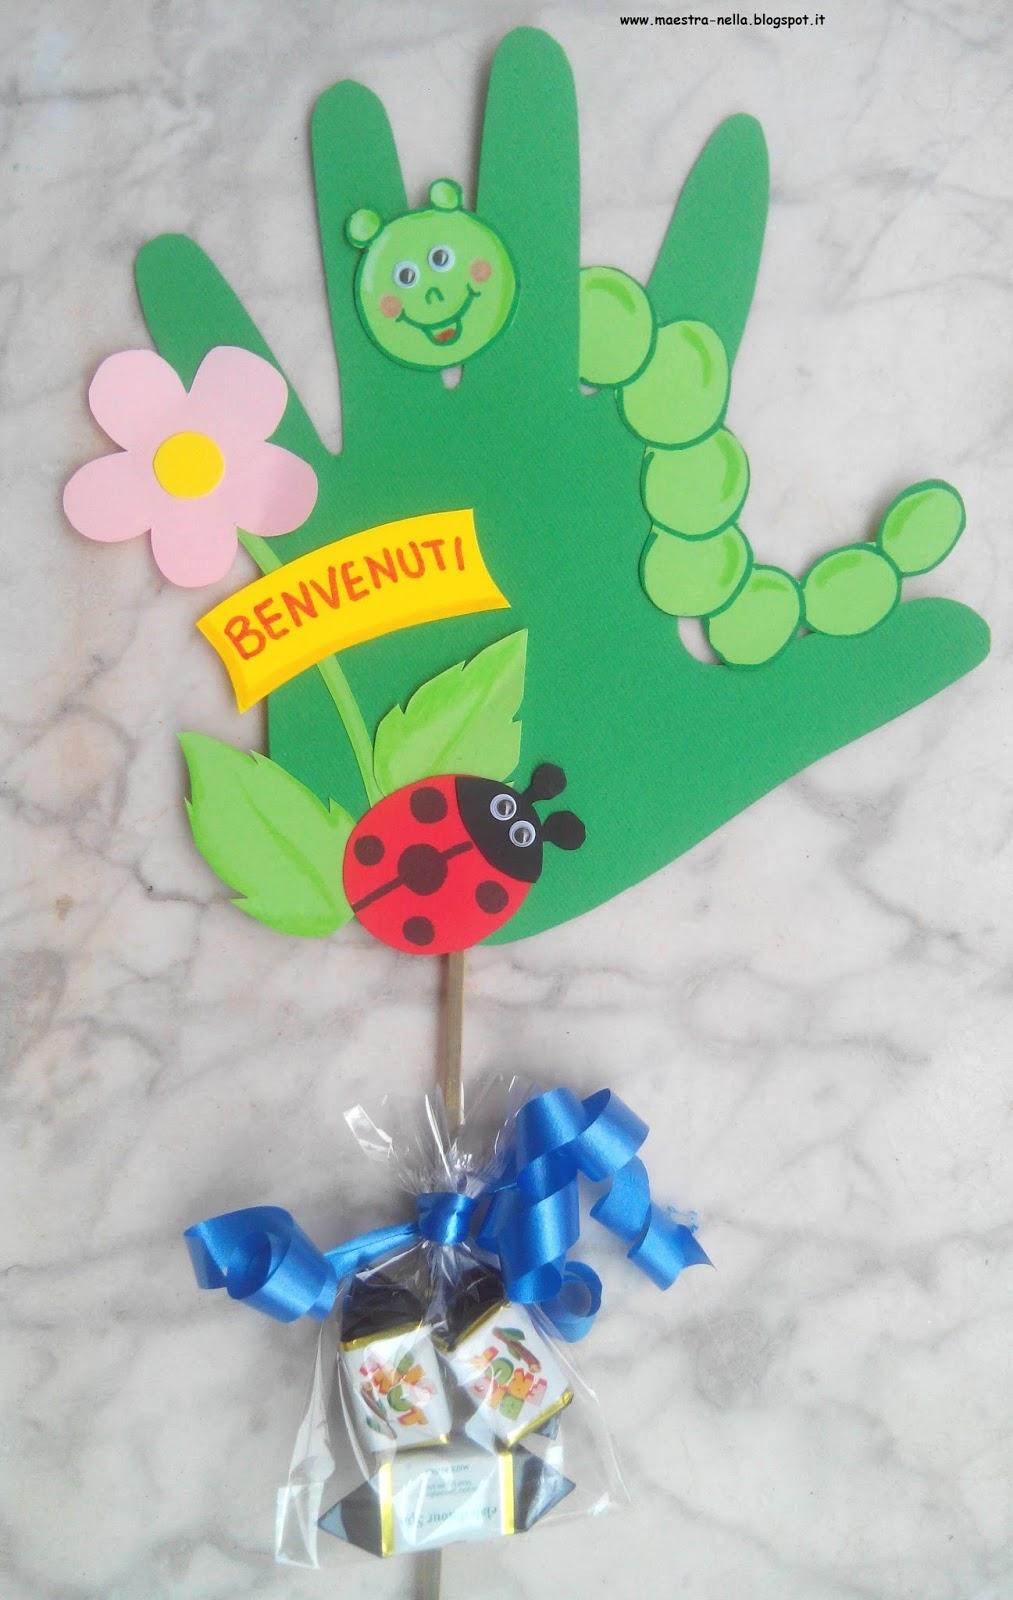 Maestra nella con le mani for Lavoretti accoglienza infanzia